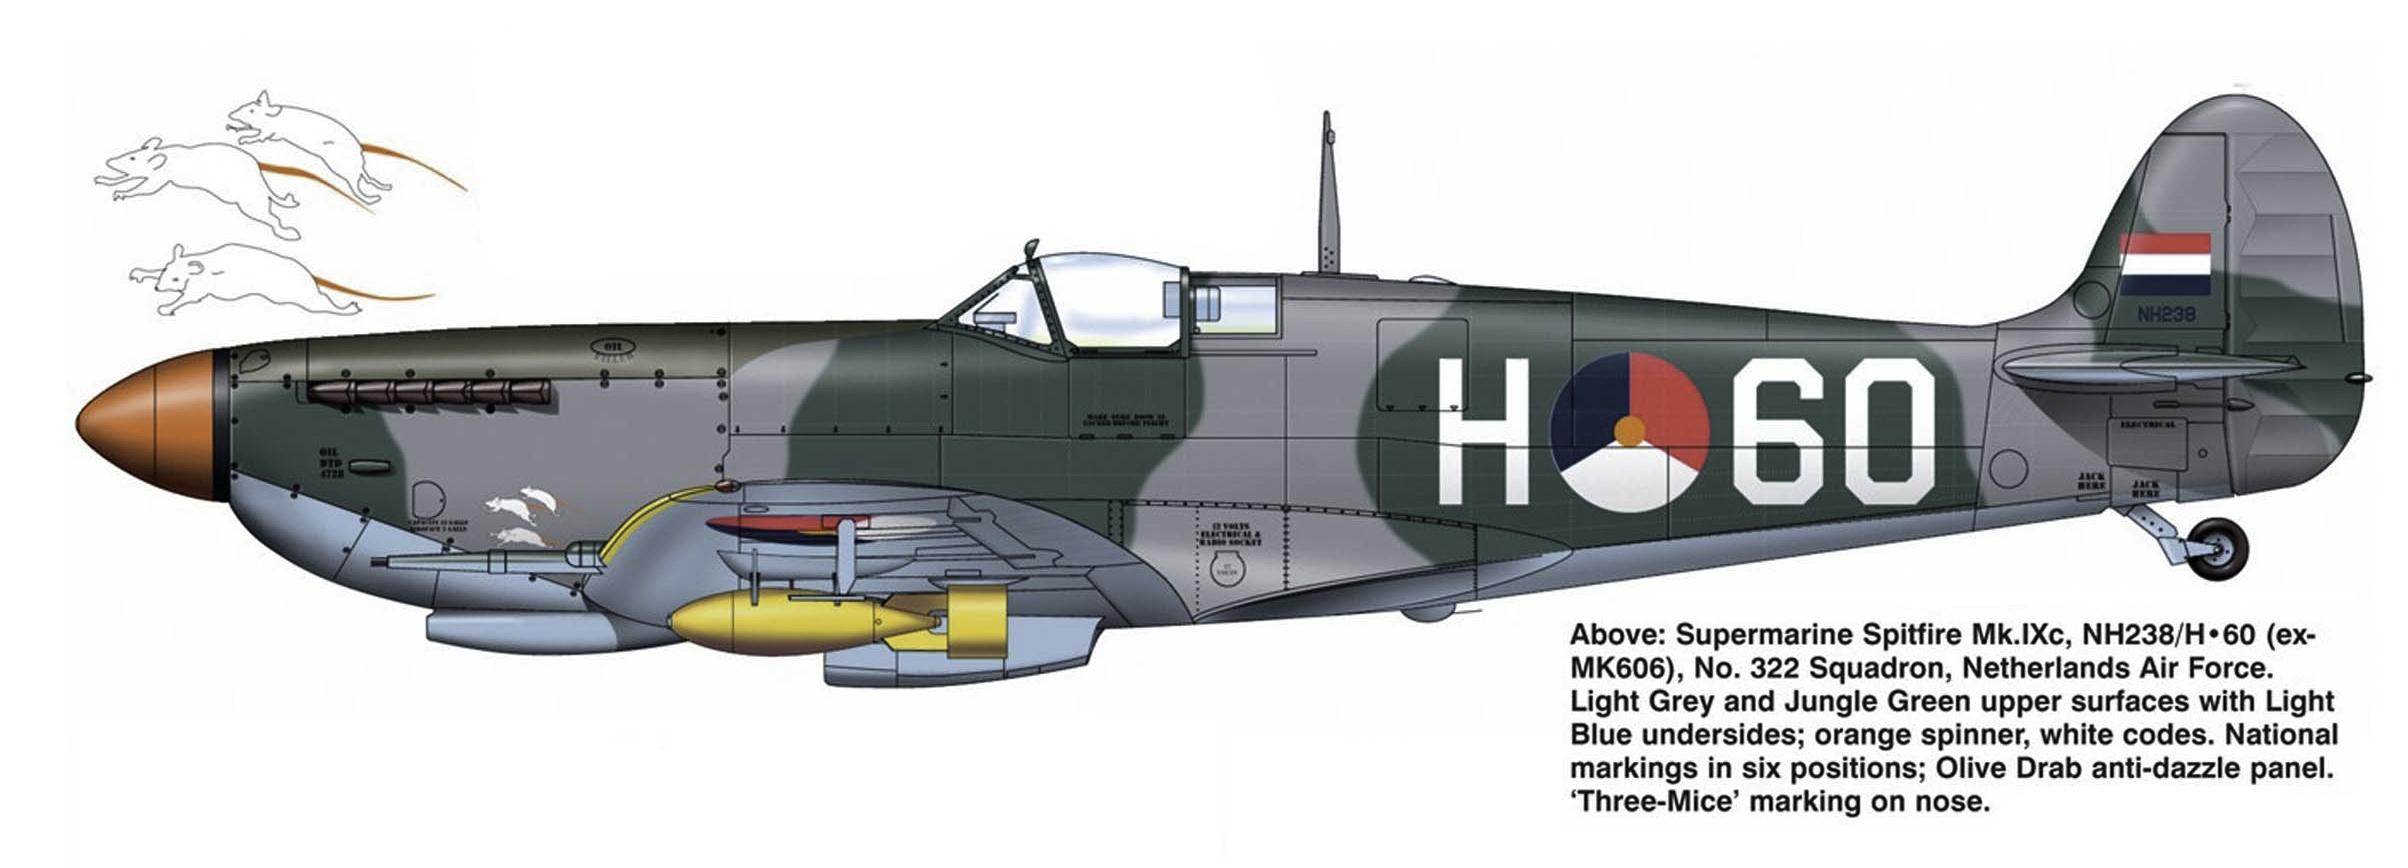 Spitfire MkIXc RAF 322Sqn H60 NH238 exMK606 RNEIAF Holland 0A